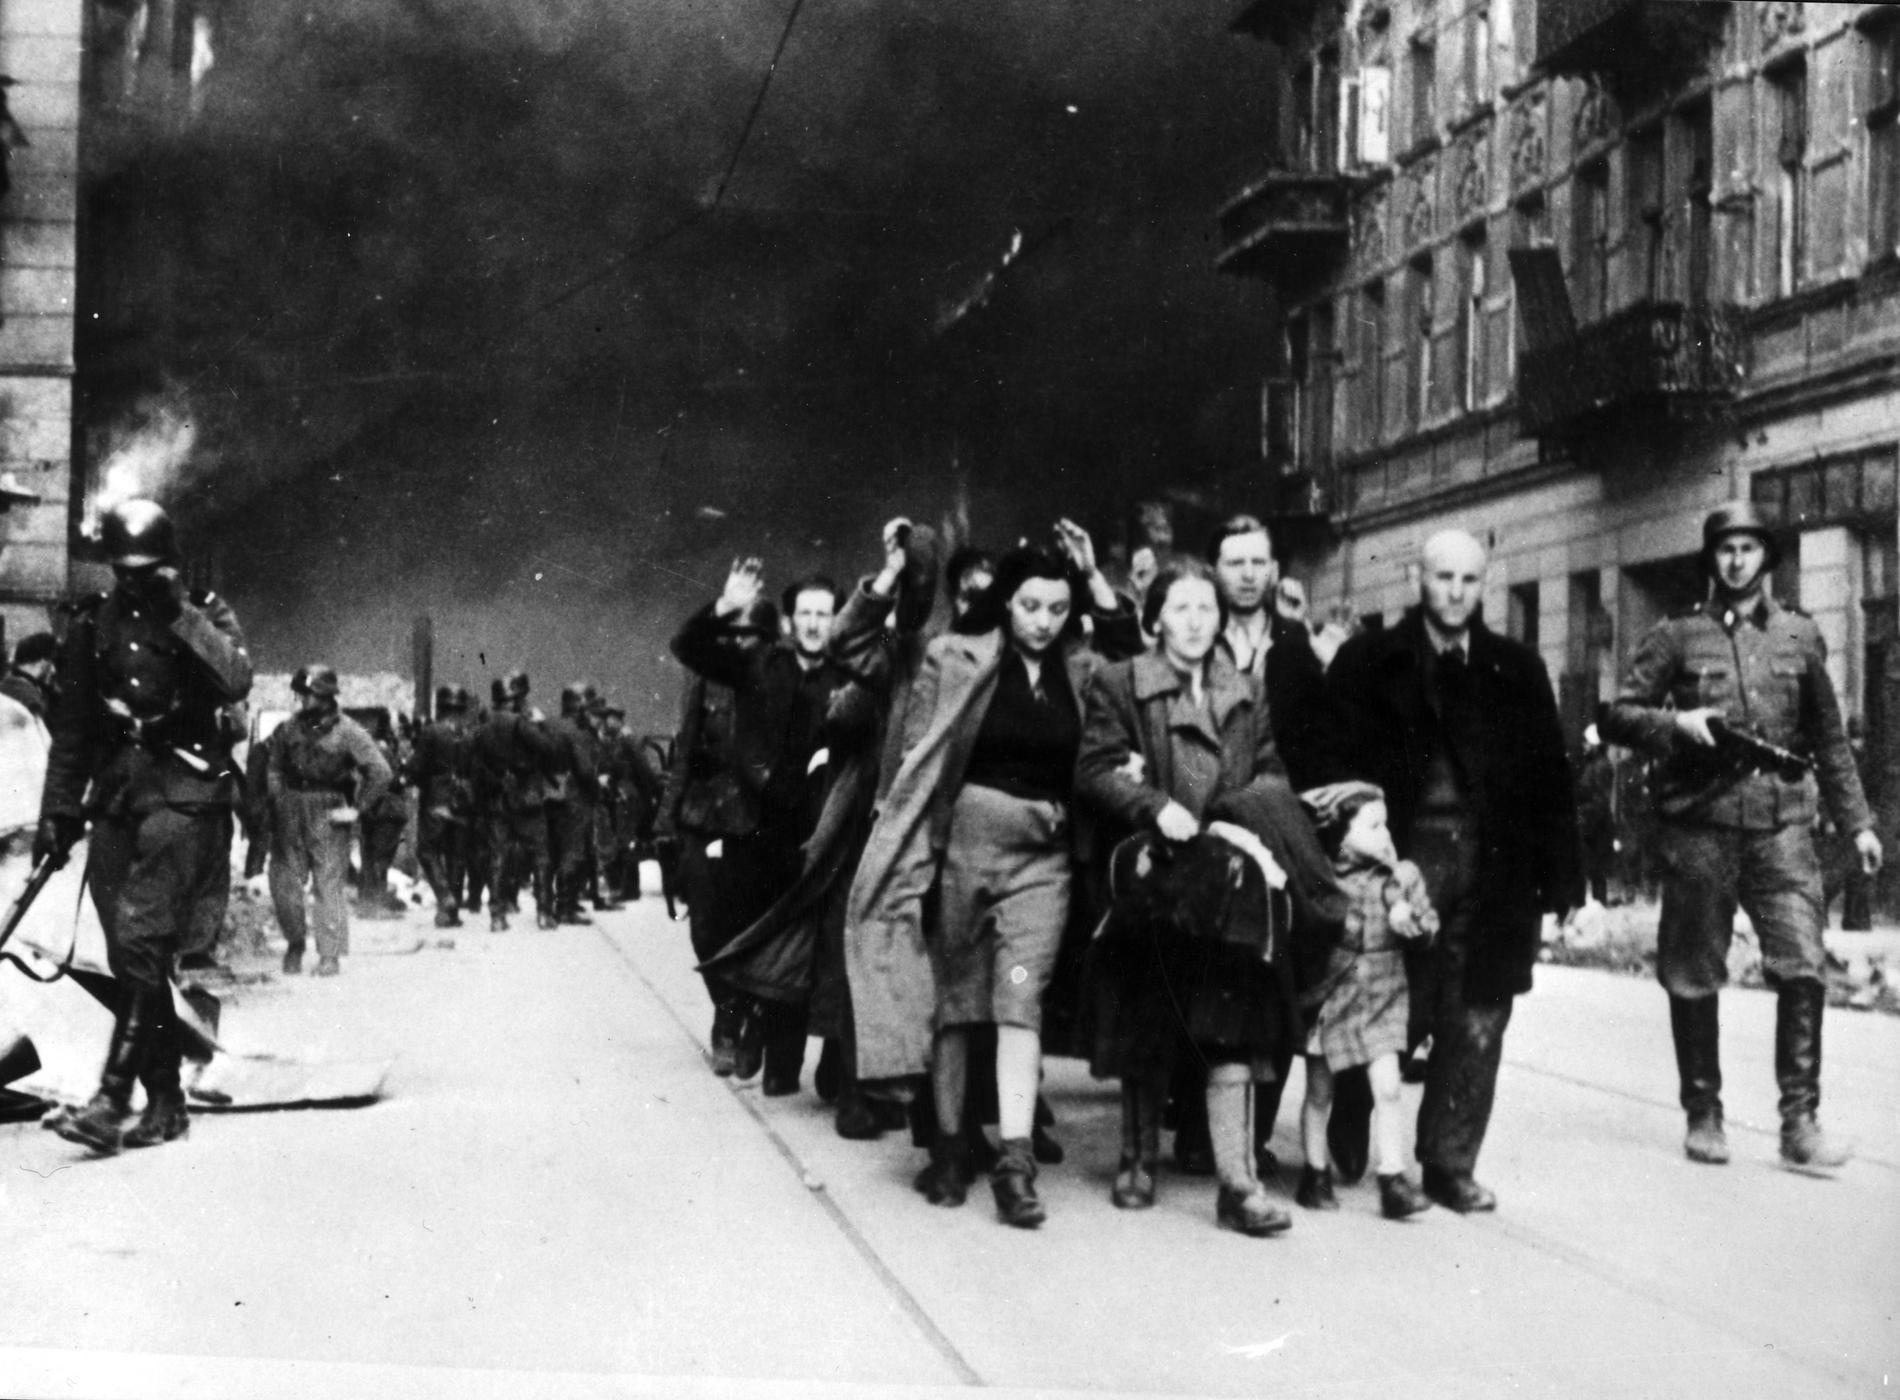 I april 1943, under andra världskriget, töms det judiska gettot i Warszawa av nazisterna och upproret där slås brutalt ned.